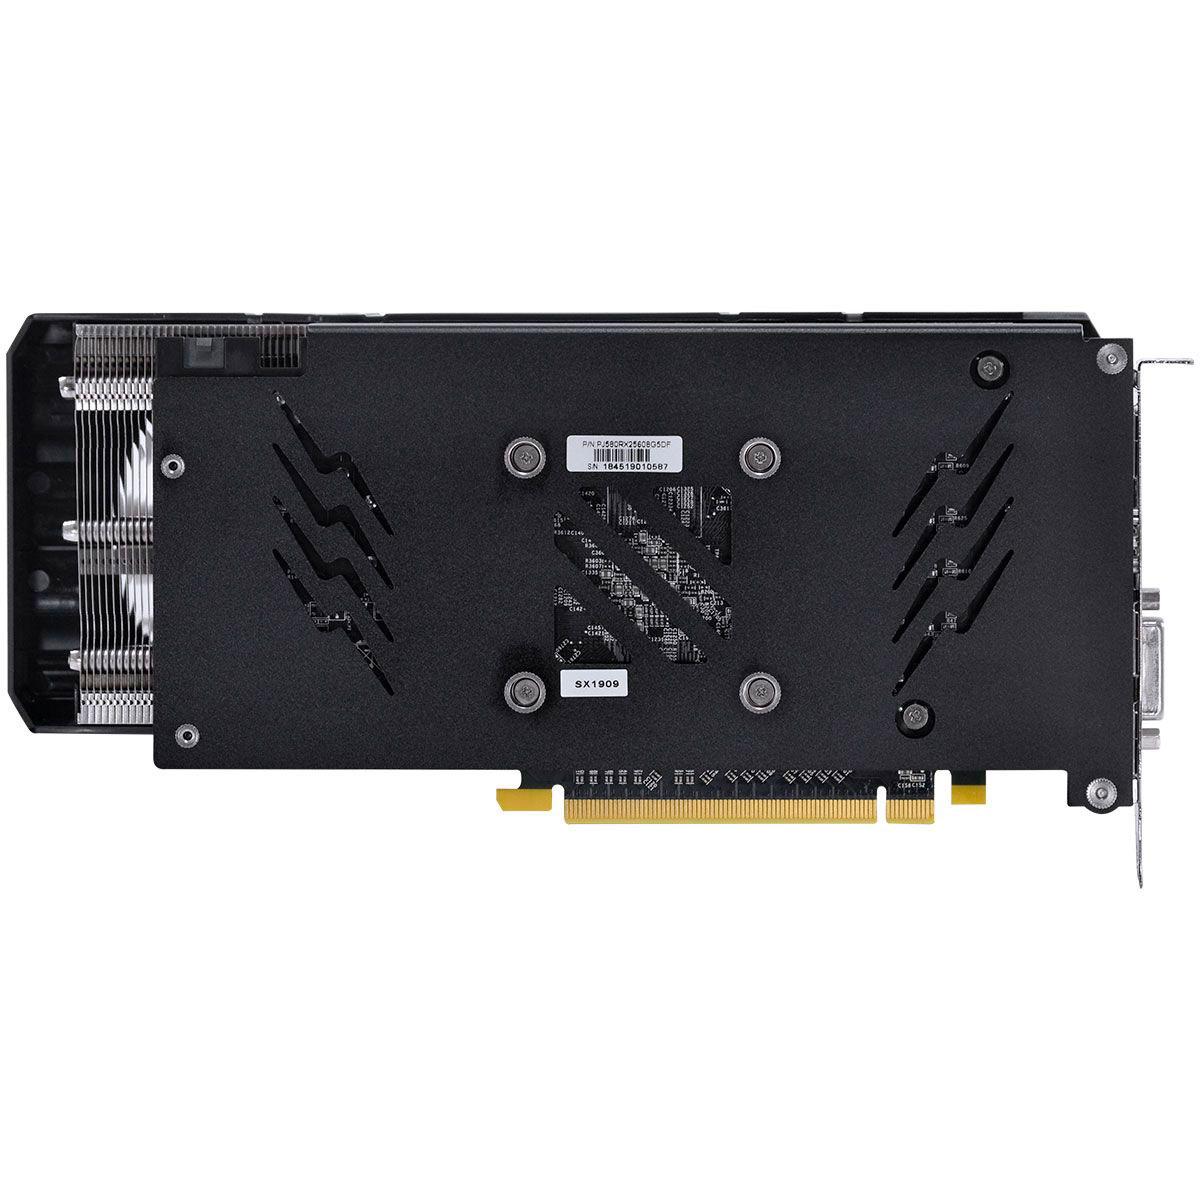 Placa de Vídeo Pcyes RX580 8GB GDDR5 256 Bits - PJ580RX25608G5DF